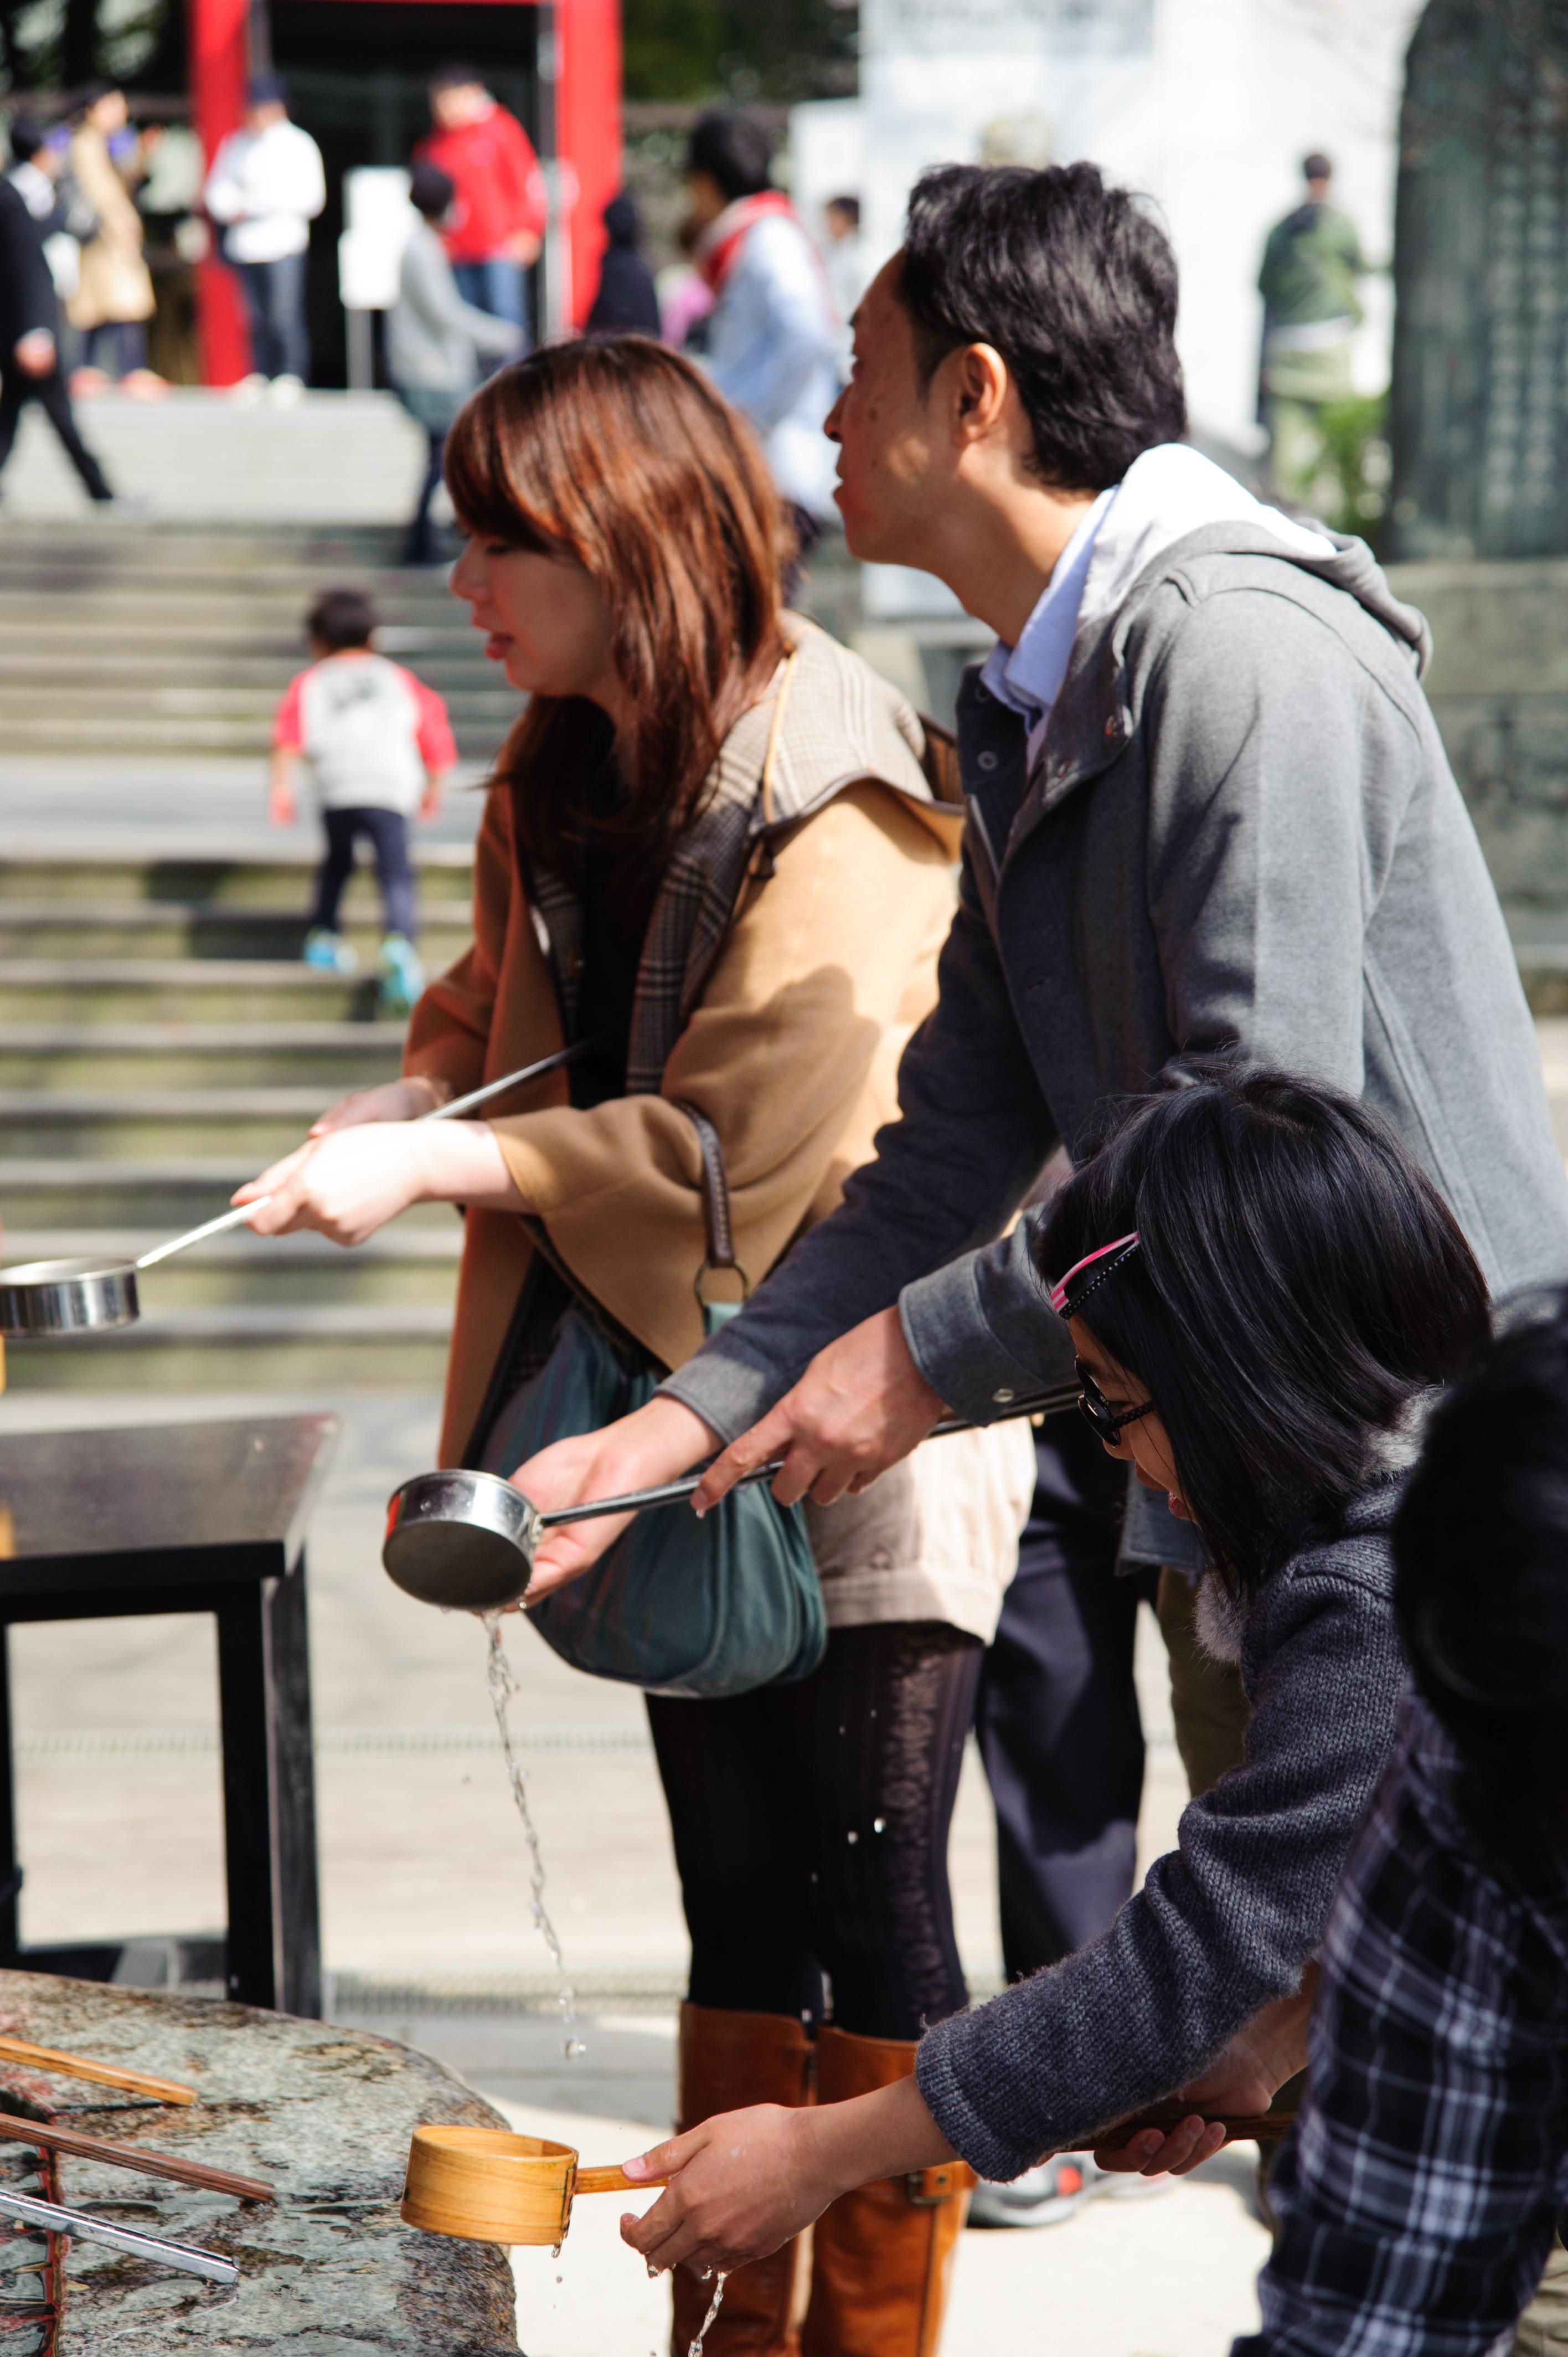 进入神社前,记得先在手水舍洗手,以表示对神明的敬意。